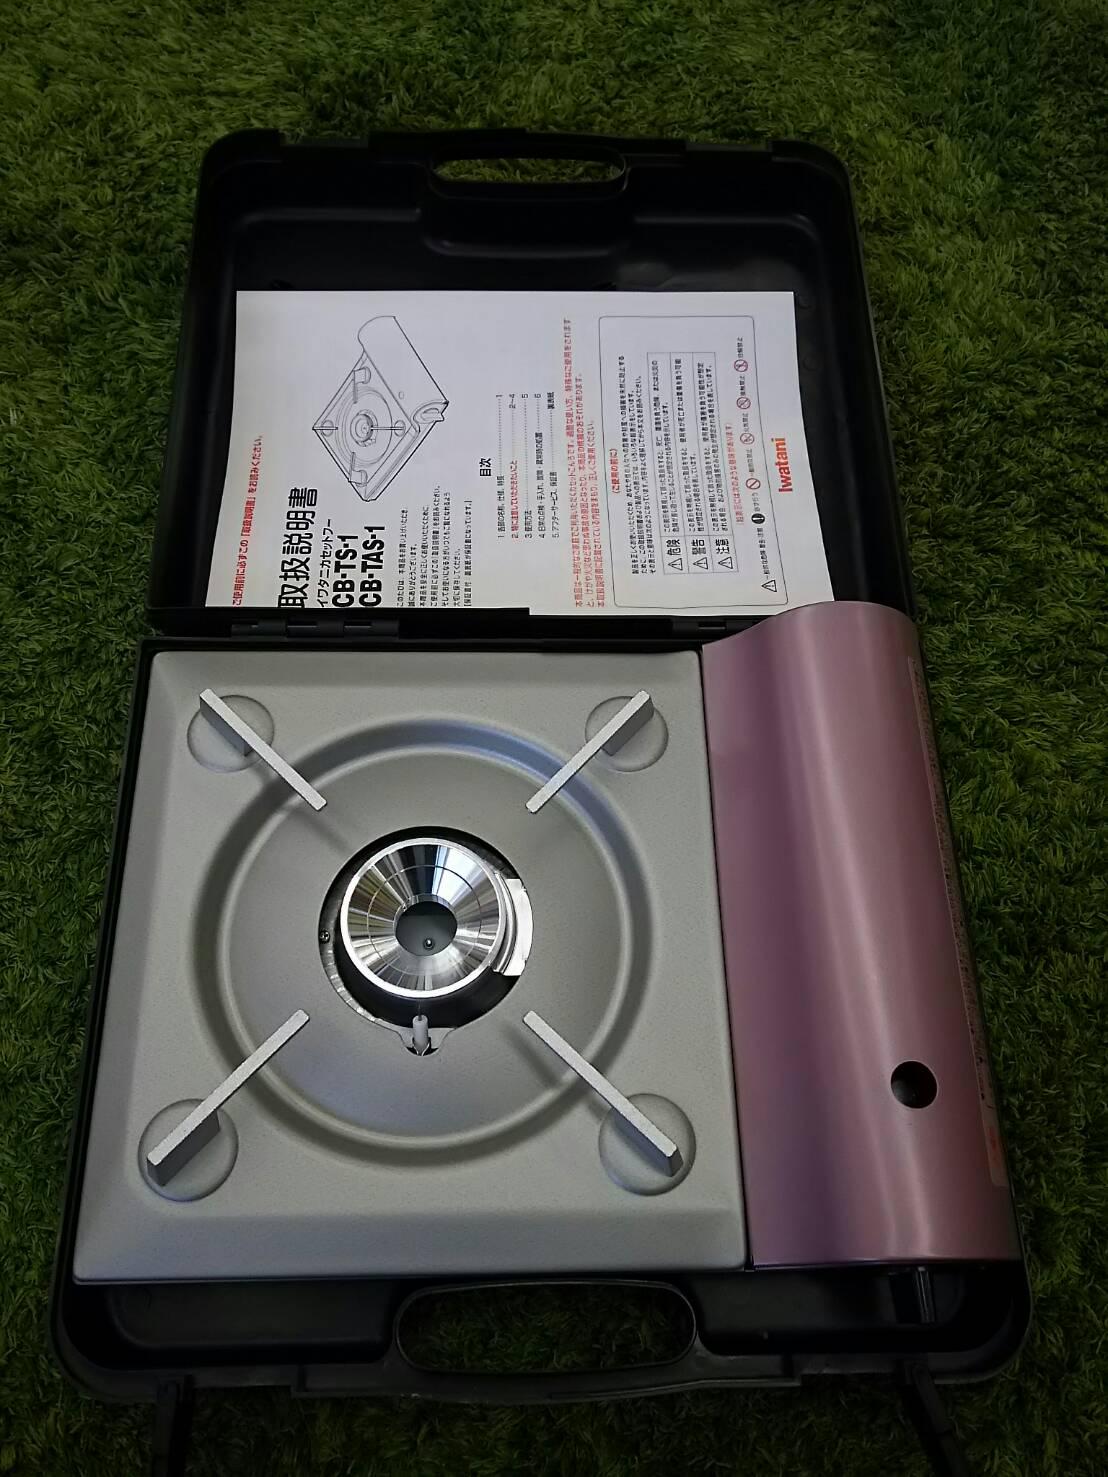 【イワタニ /iwatani カセットフー 達人スリムⅡ持ち運び式カセットコンロ CB-TS-1-A】を買取させて頂きました!の買取-